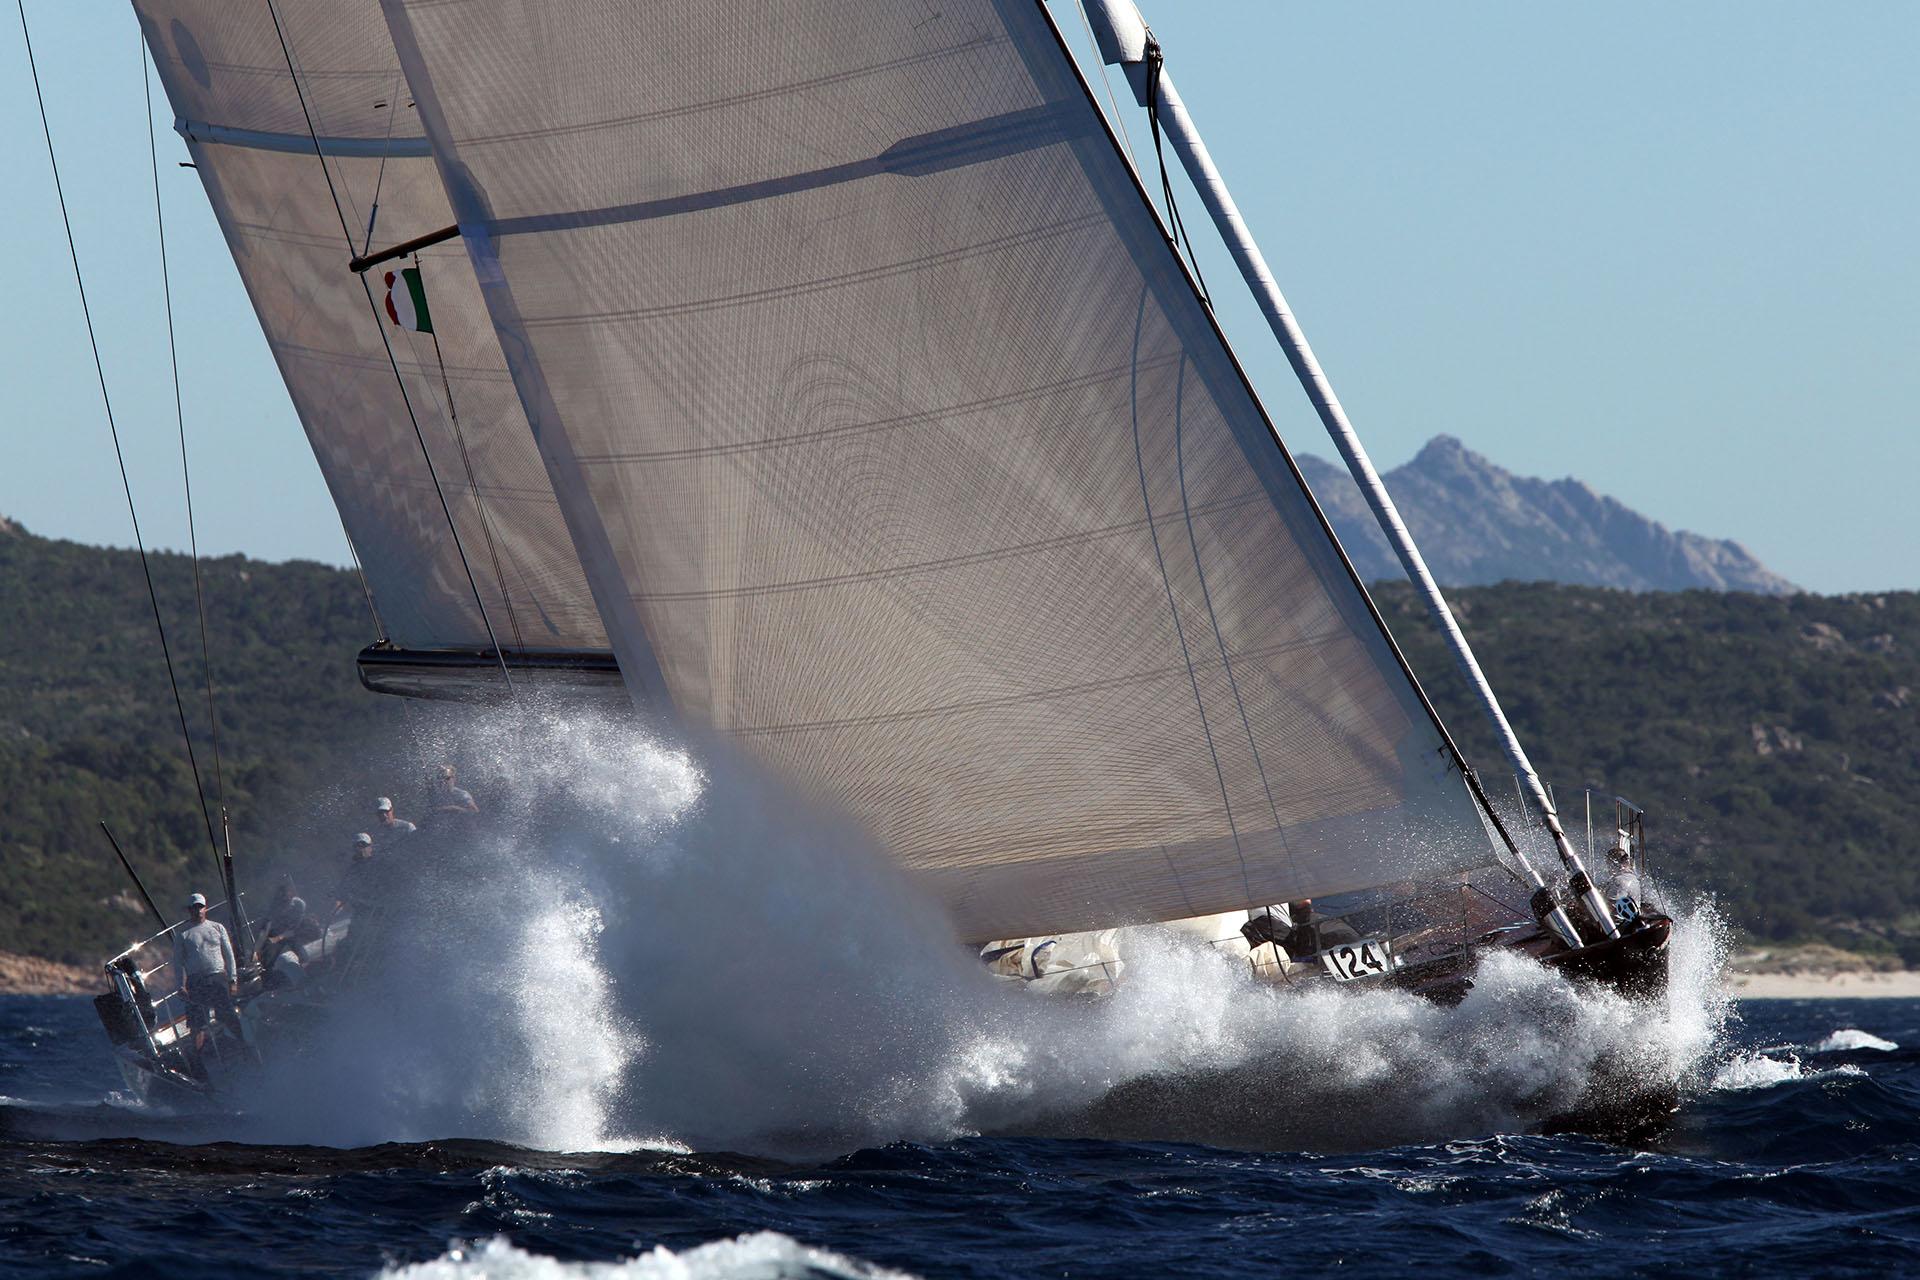 Loro Piana Superyacht Regatta - Photo: © Andrea Pisapia /Studio Borlenghi